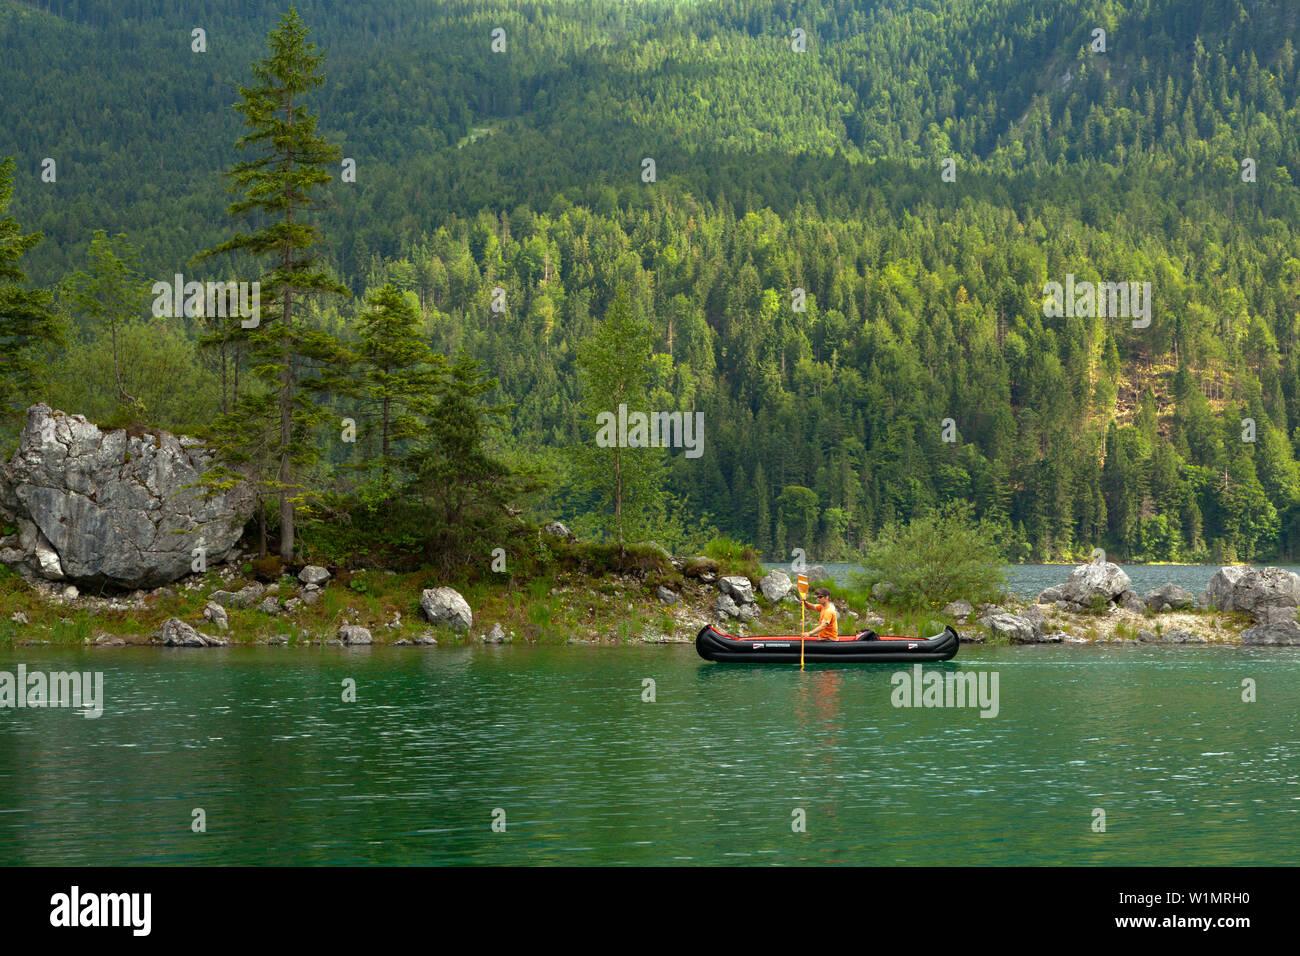 Canoe at Eibsee, near Garmisch-Partenkirchen, Werdenfels region, Bavaria, Germany - Stock Image